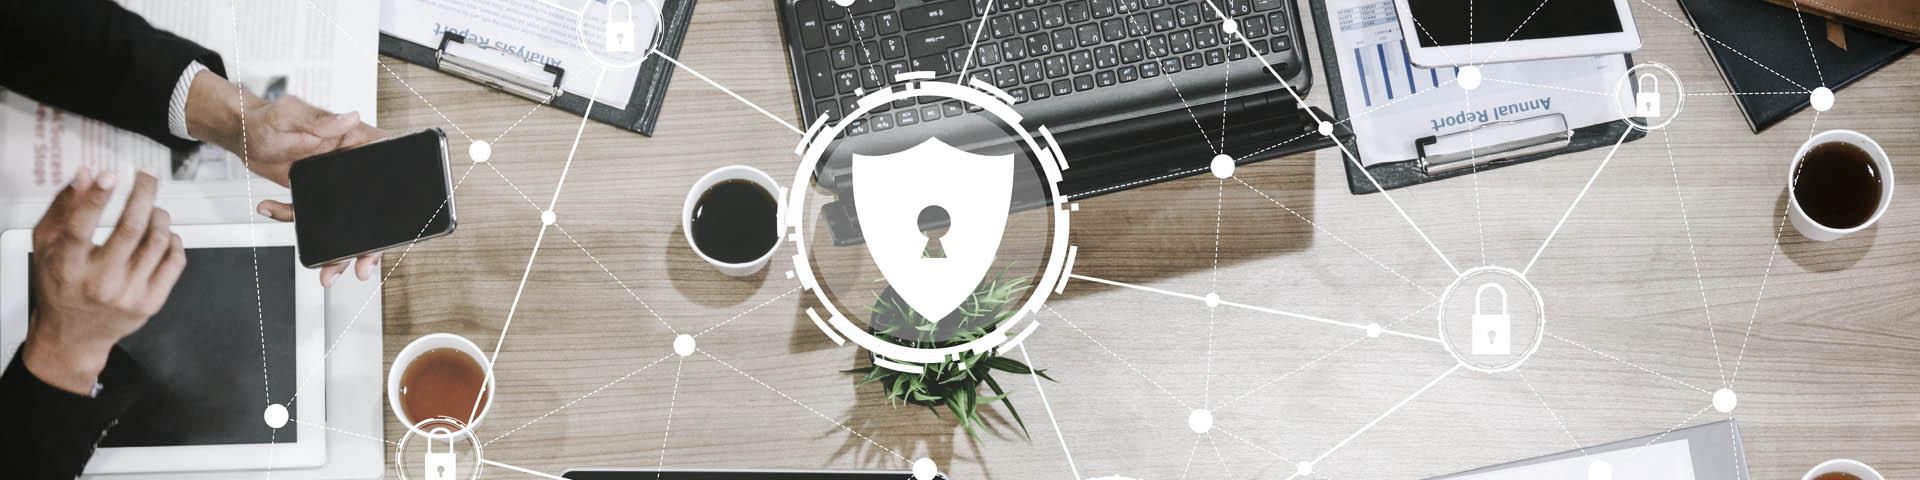 Datenschutz - für wen?